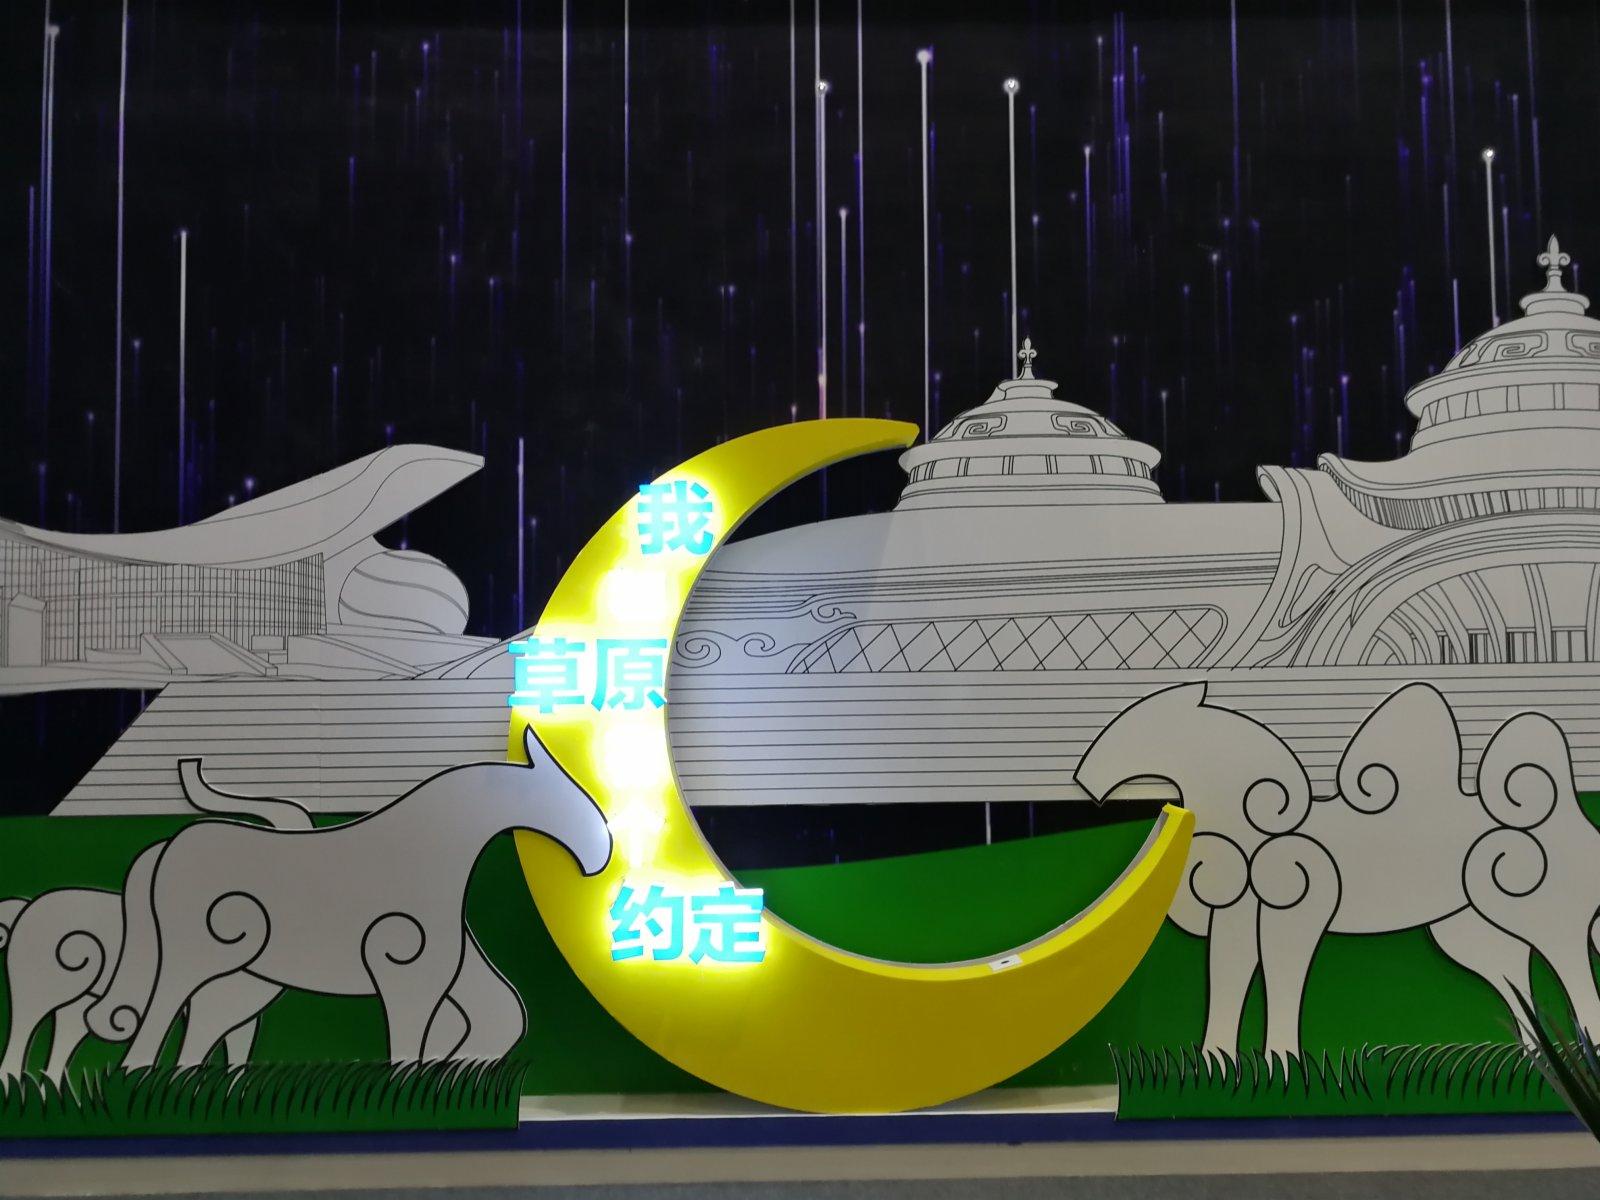 內蒙古自治區在展館裡呈現草原風情,「我和草原有個約定」力邀觀眾前往草原相會(記者毛麗娟)